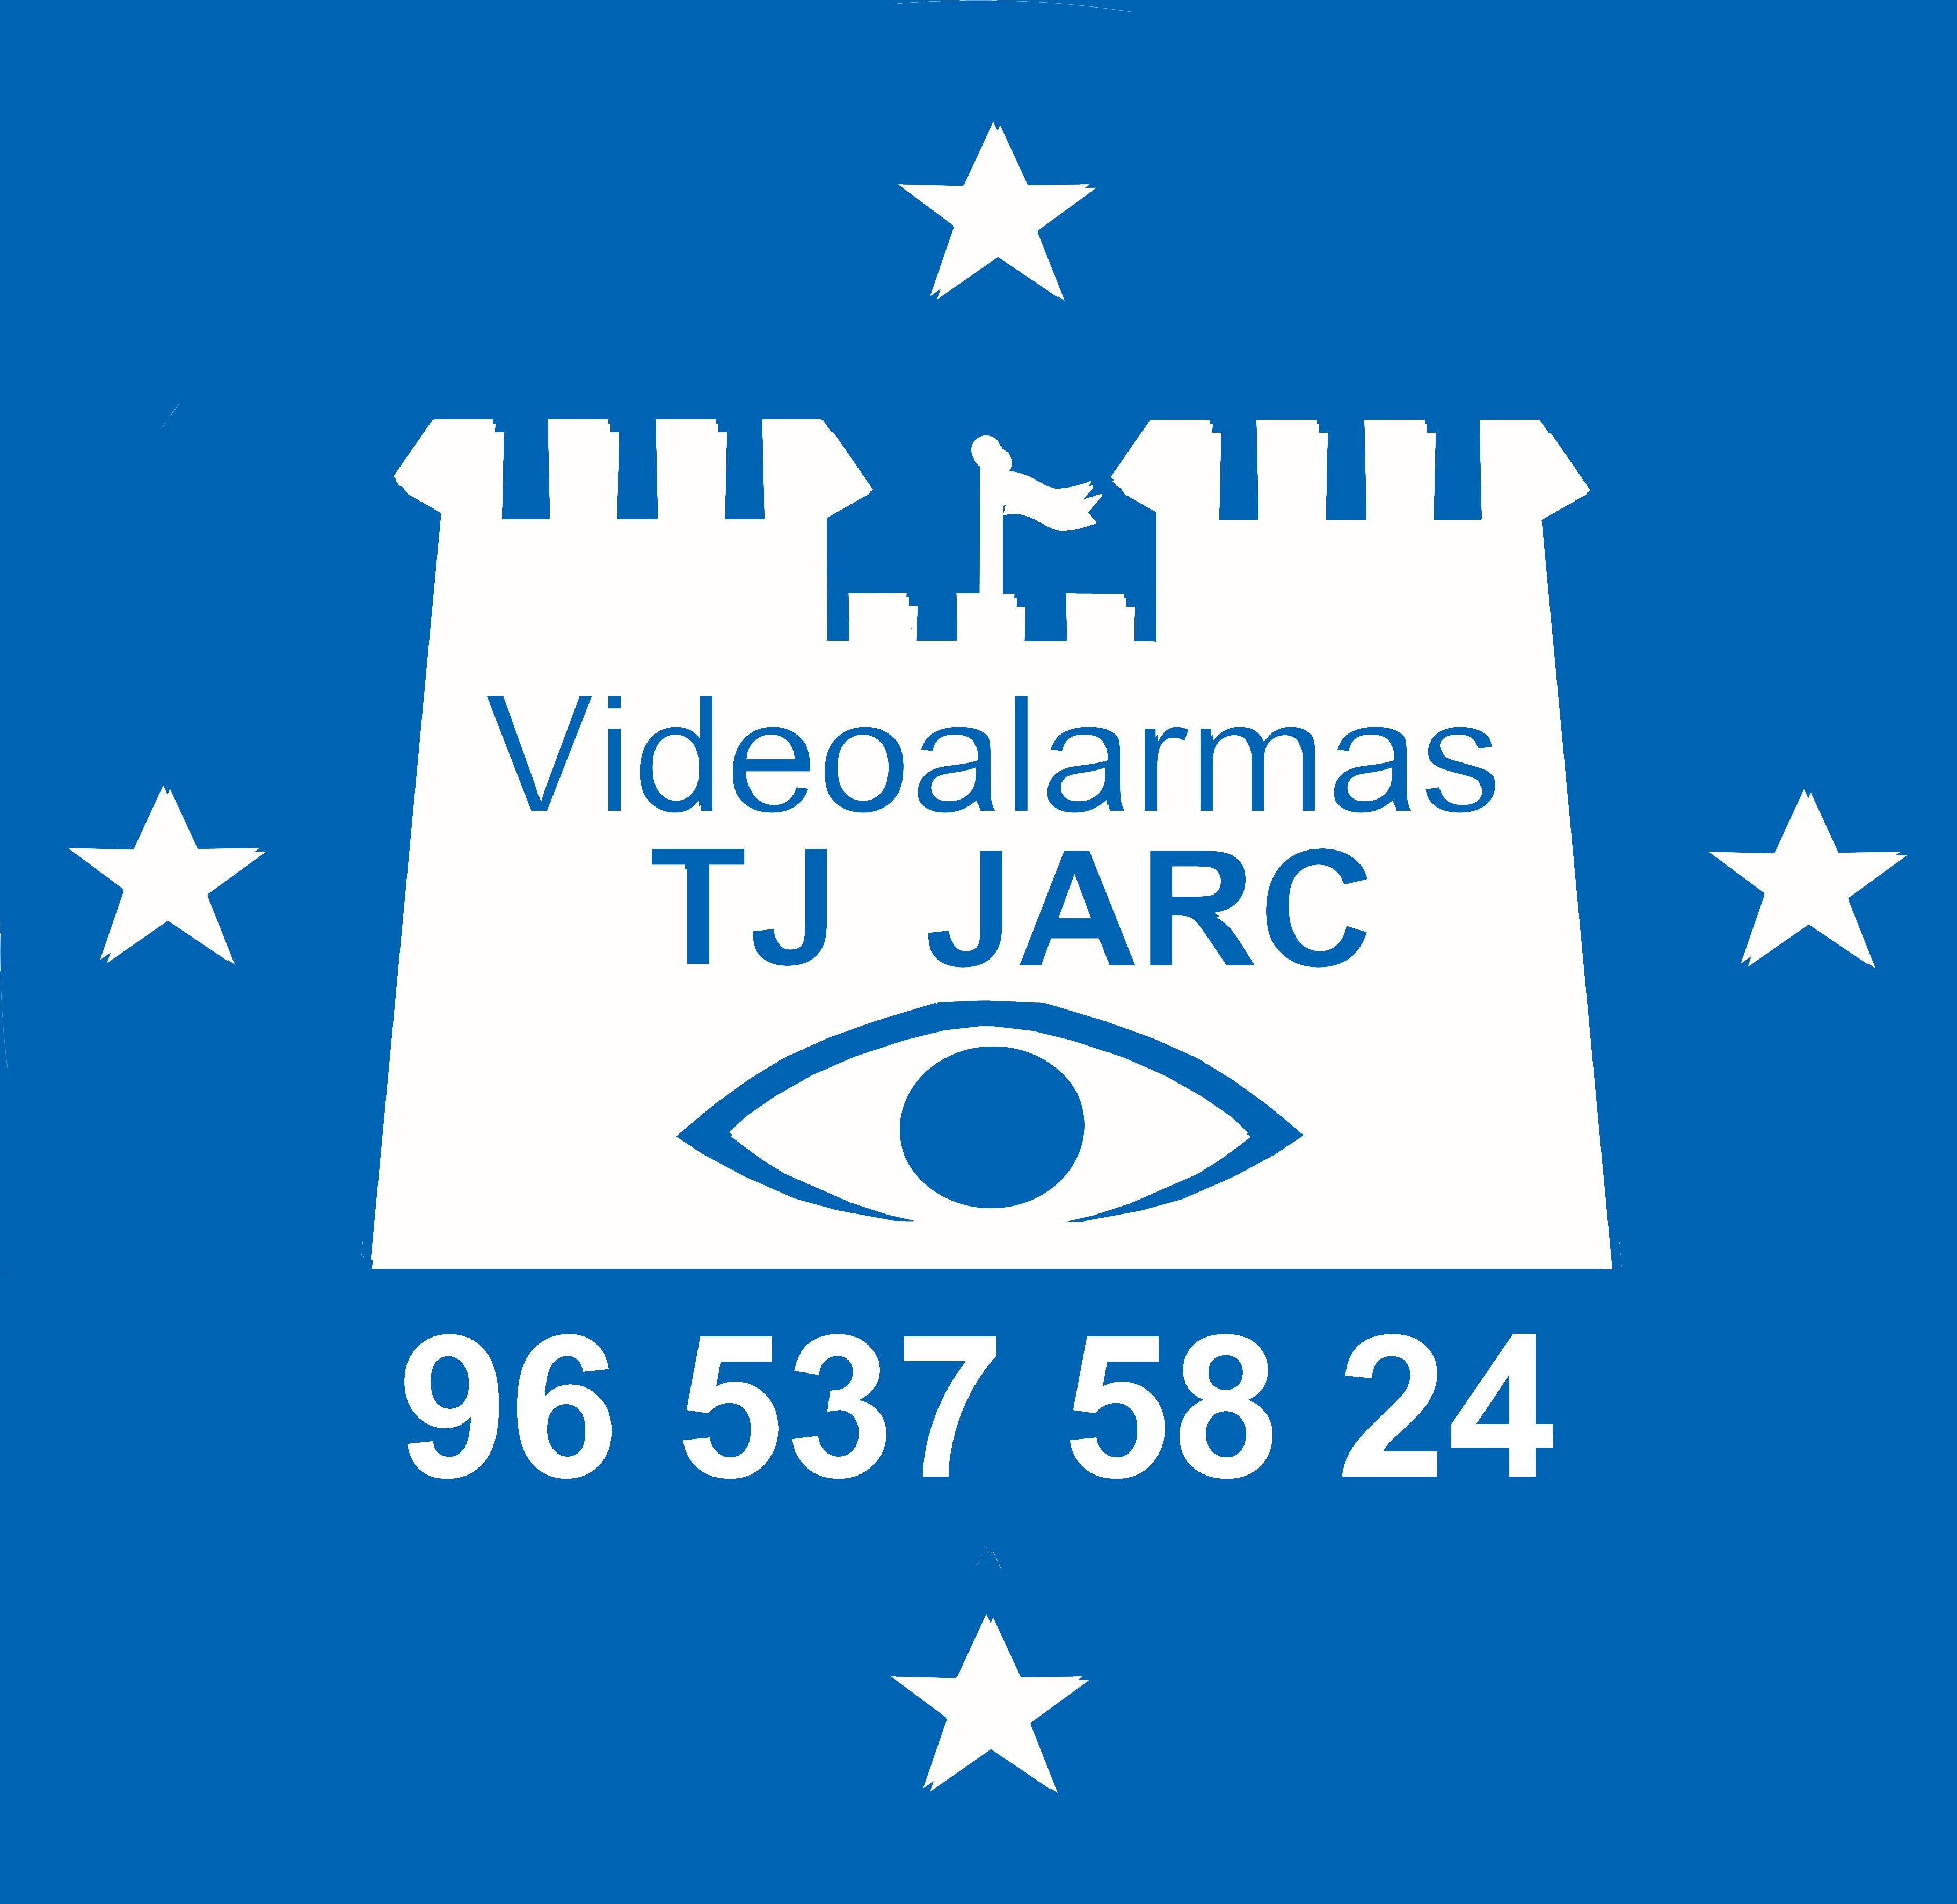 Videoalarmas Tj Jarc, Sl